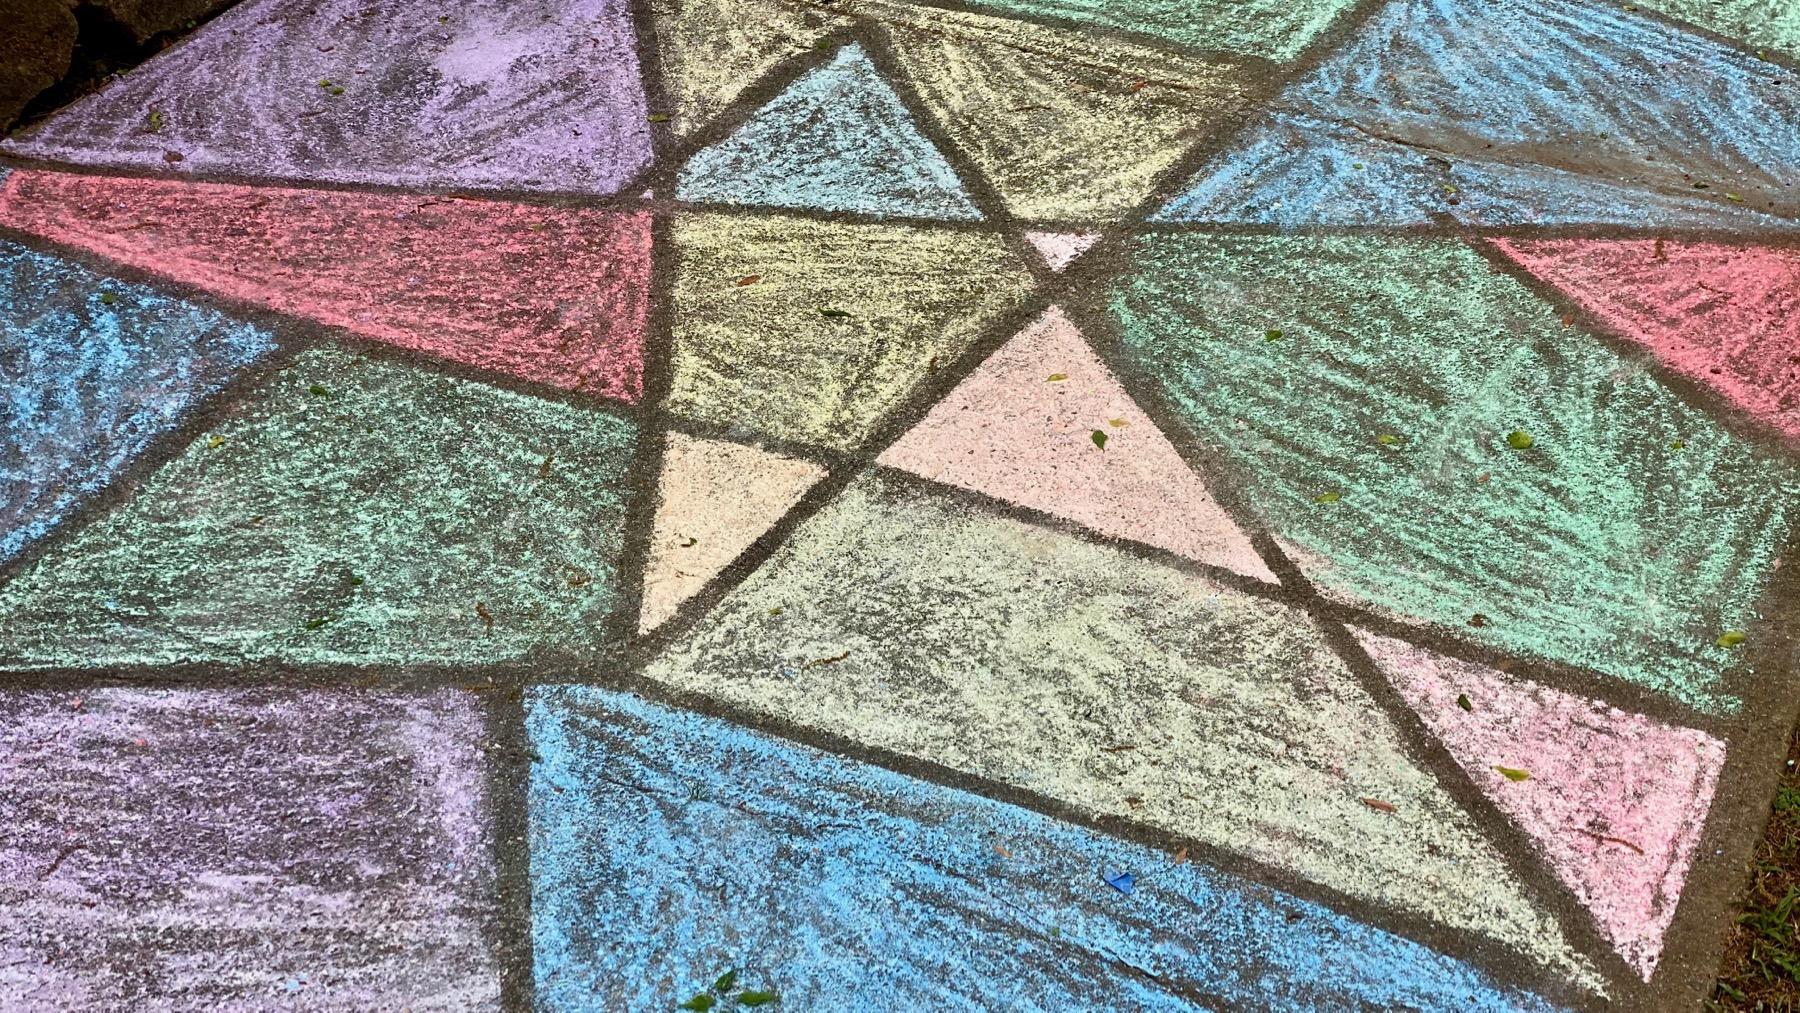 Chalk art glass